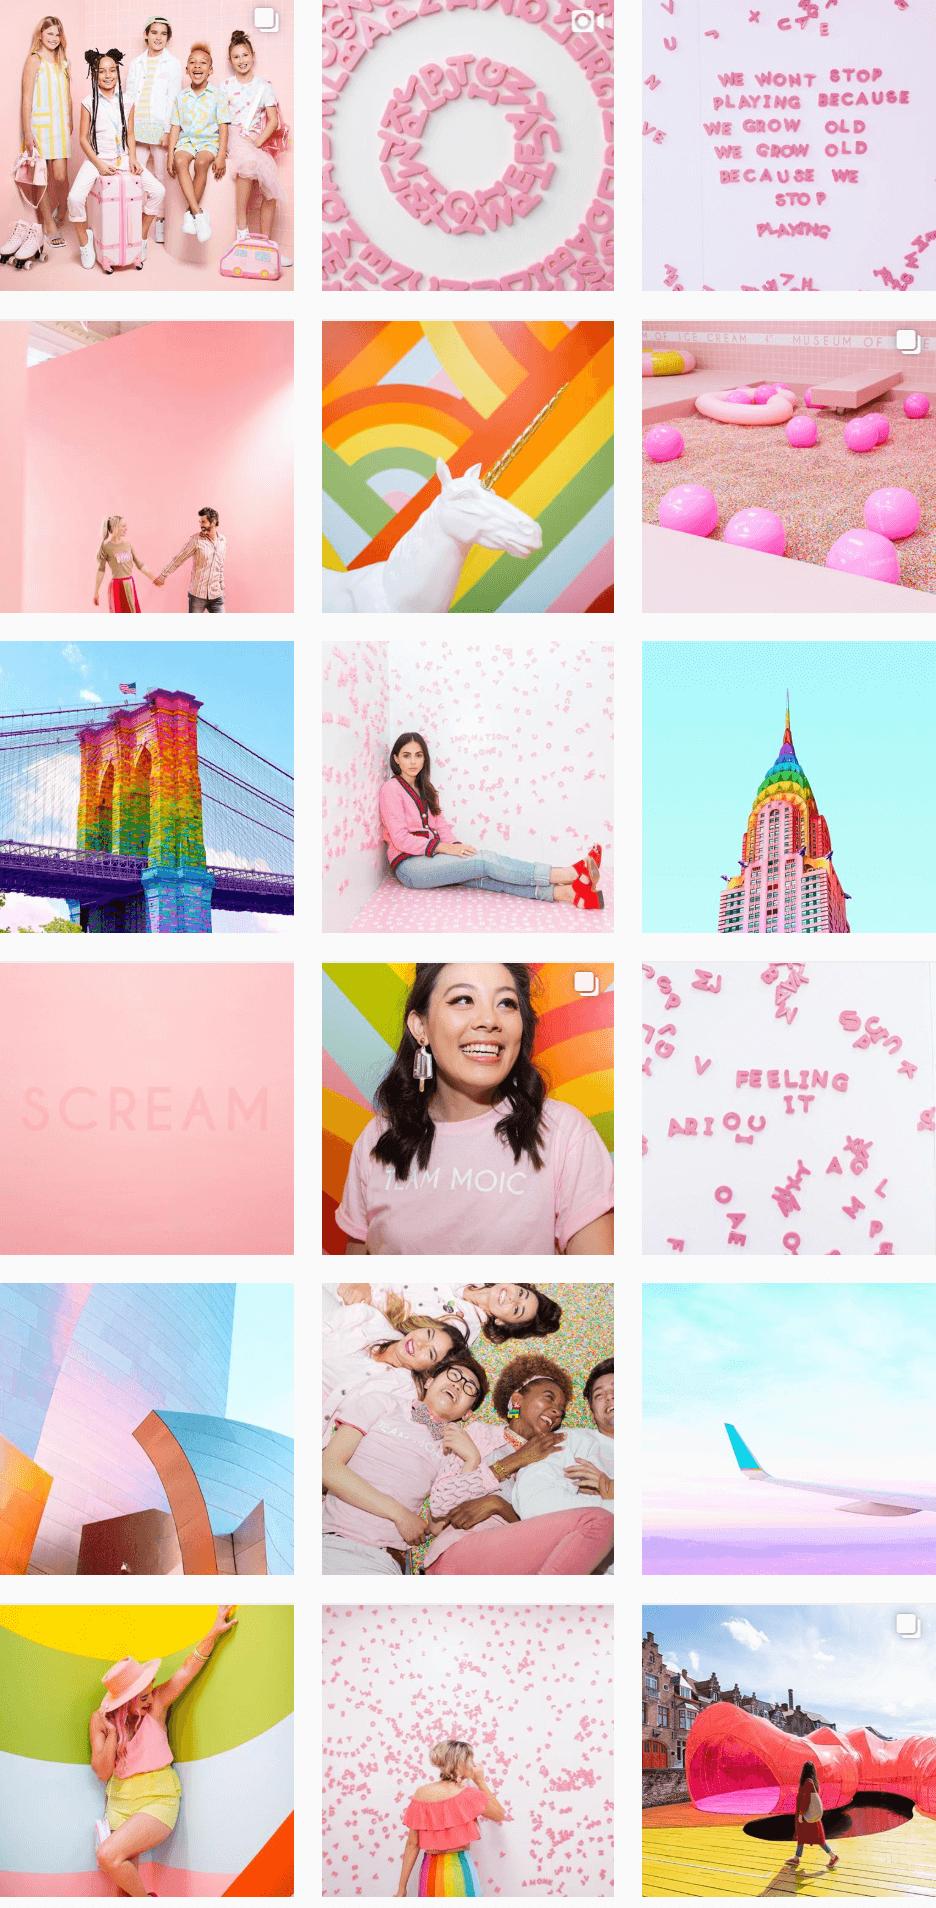 ice cream museum instagram account